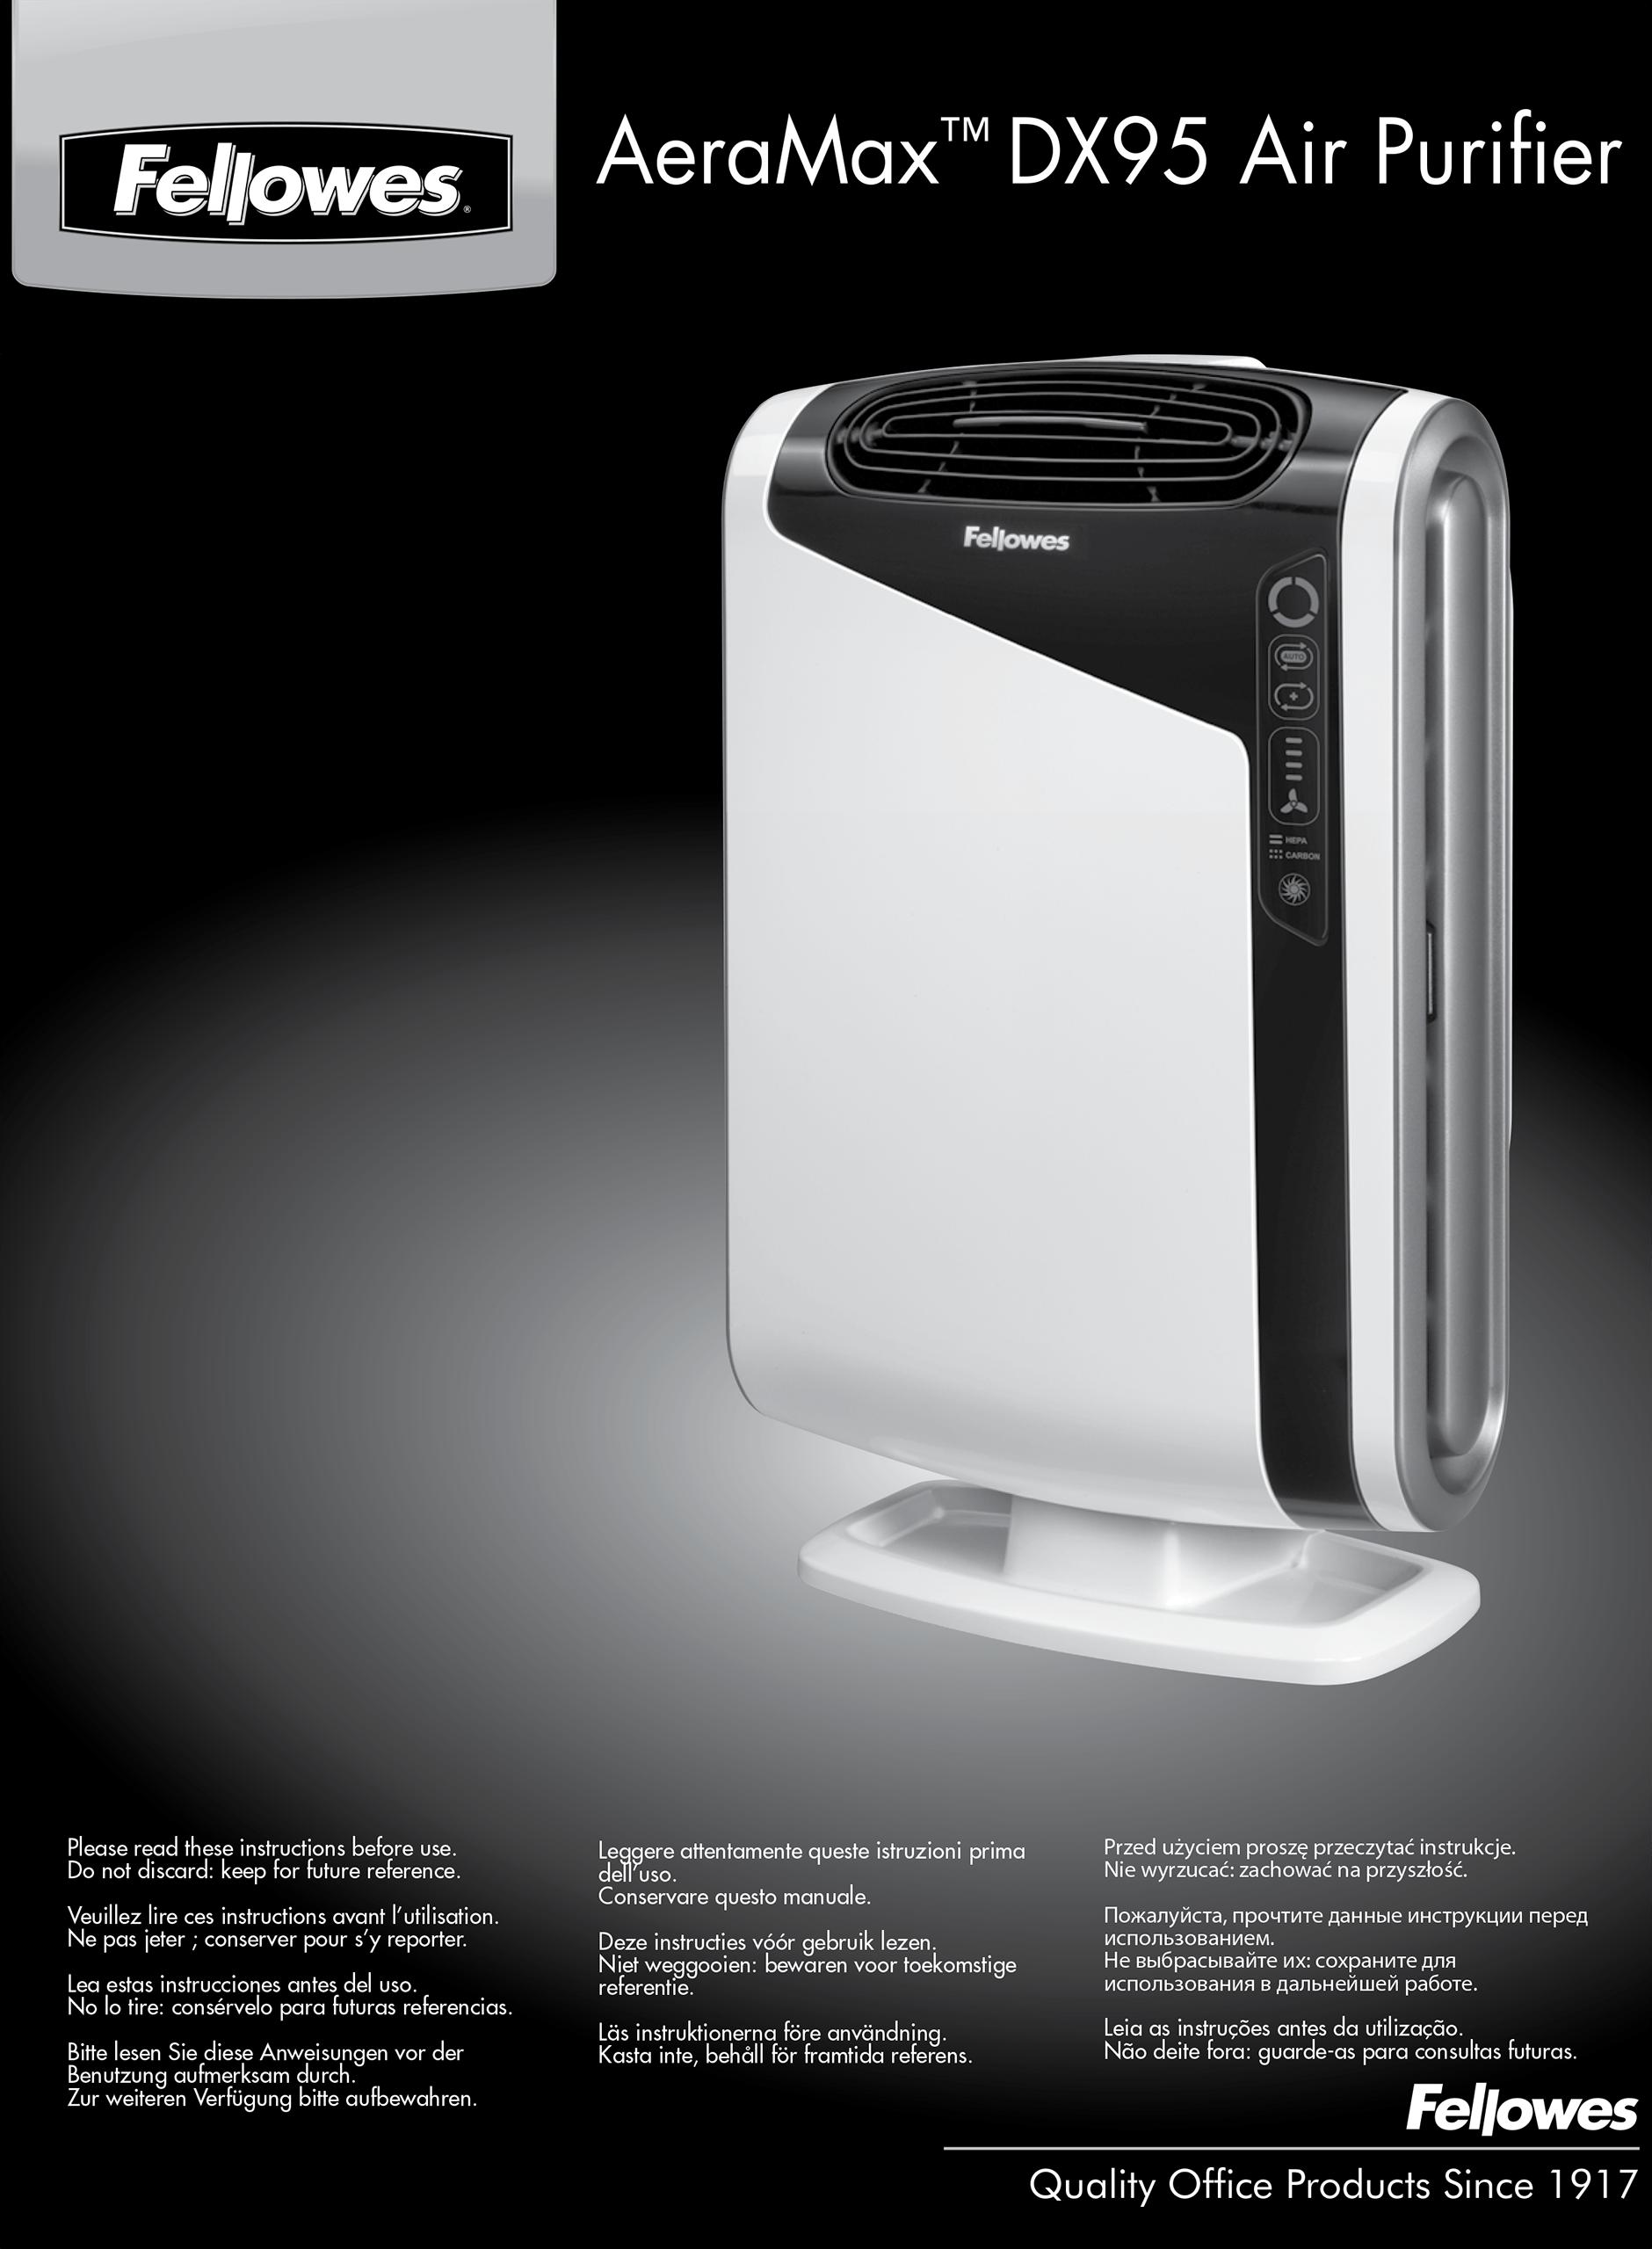 Purificador de aire AeraMax DX95 Fellowes. COVID-19. Virus H1N1. Alergias, anteponen, filtros HEPA, pequeño y portátil.